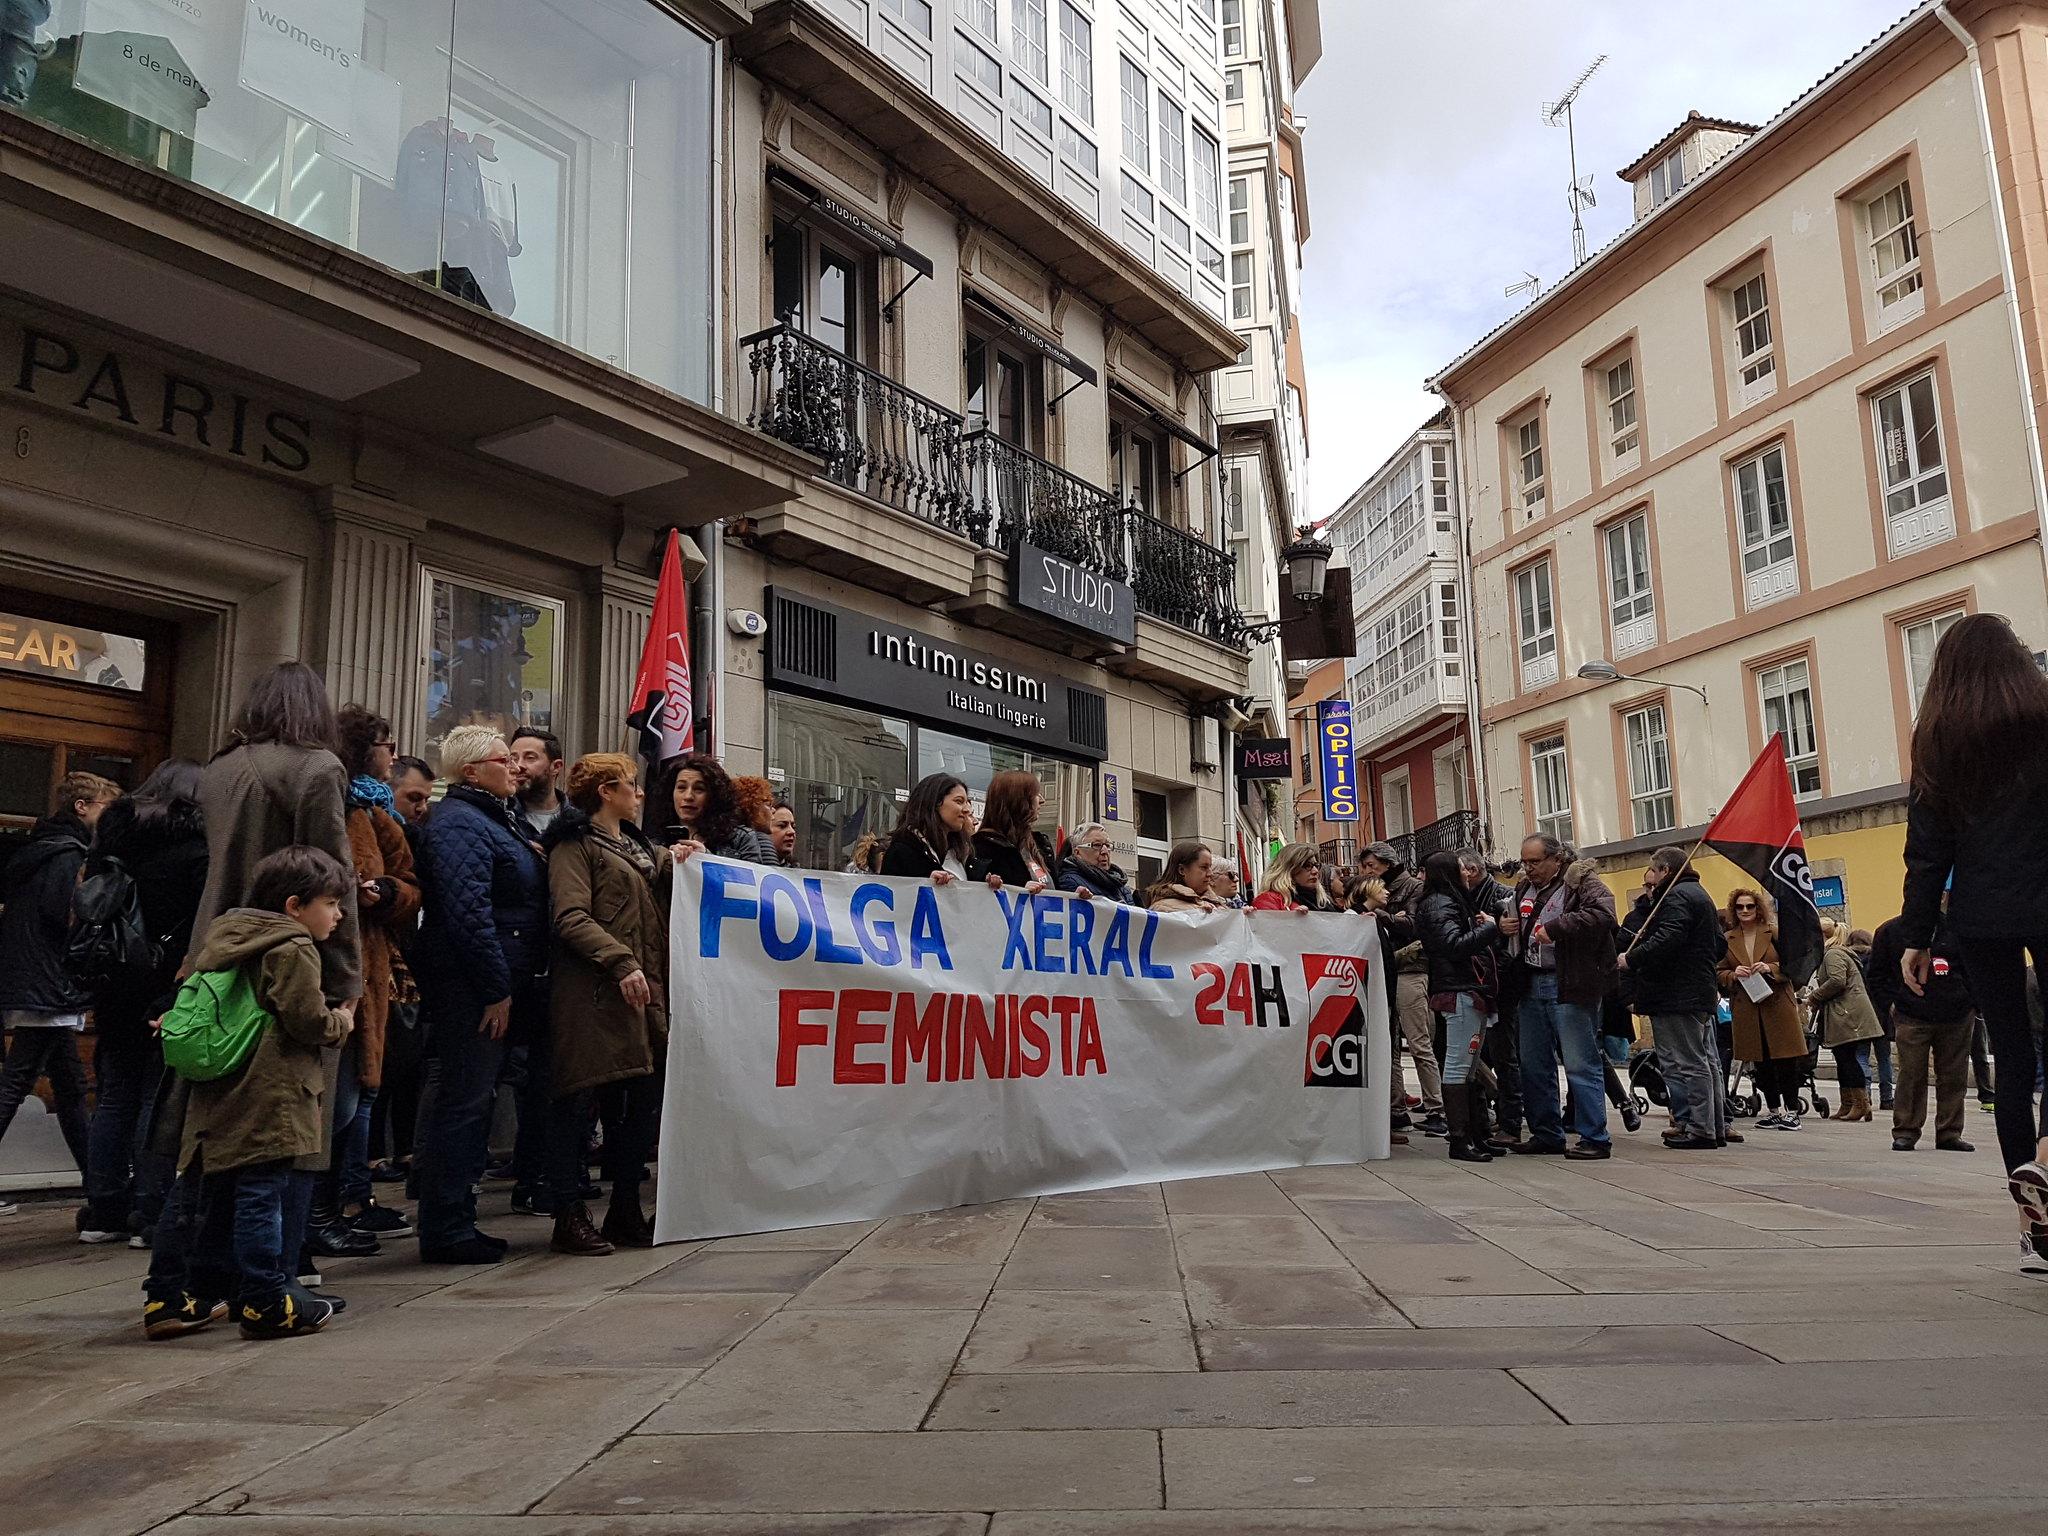 Concentracion Huelga General Feminista 8M. Concentracion 13 h CGT